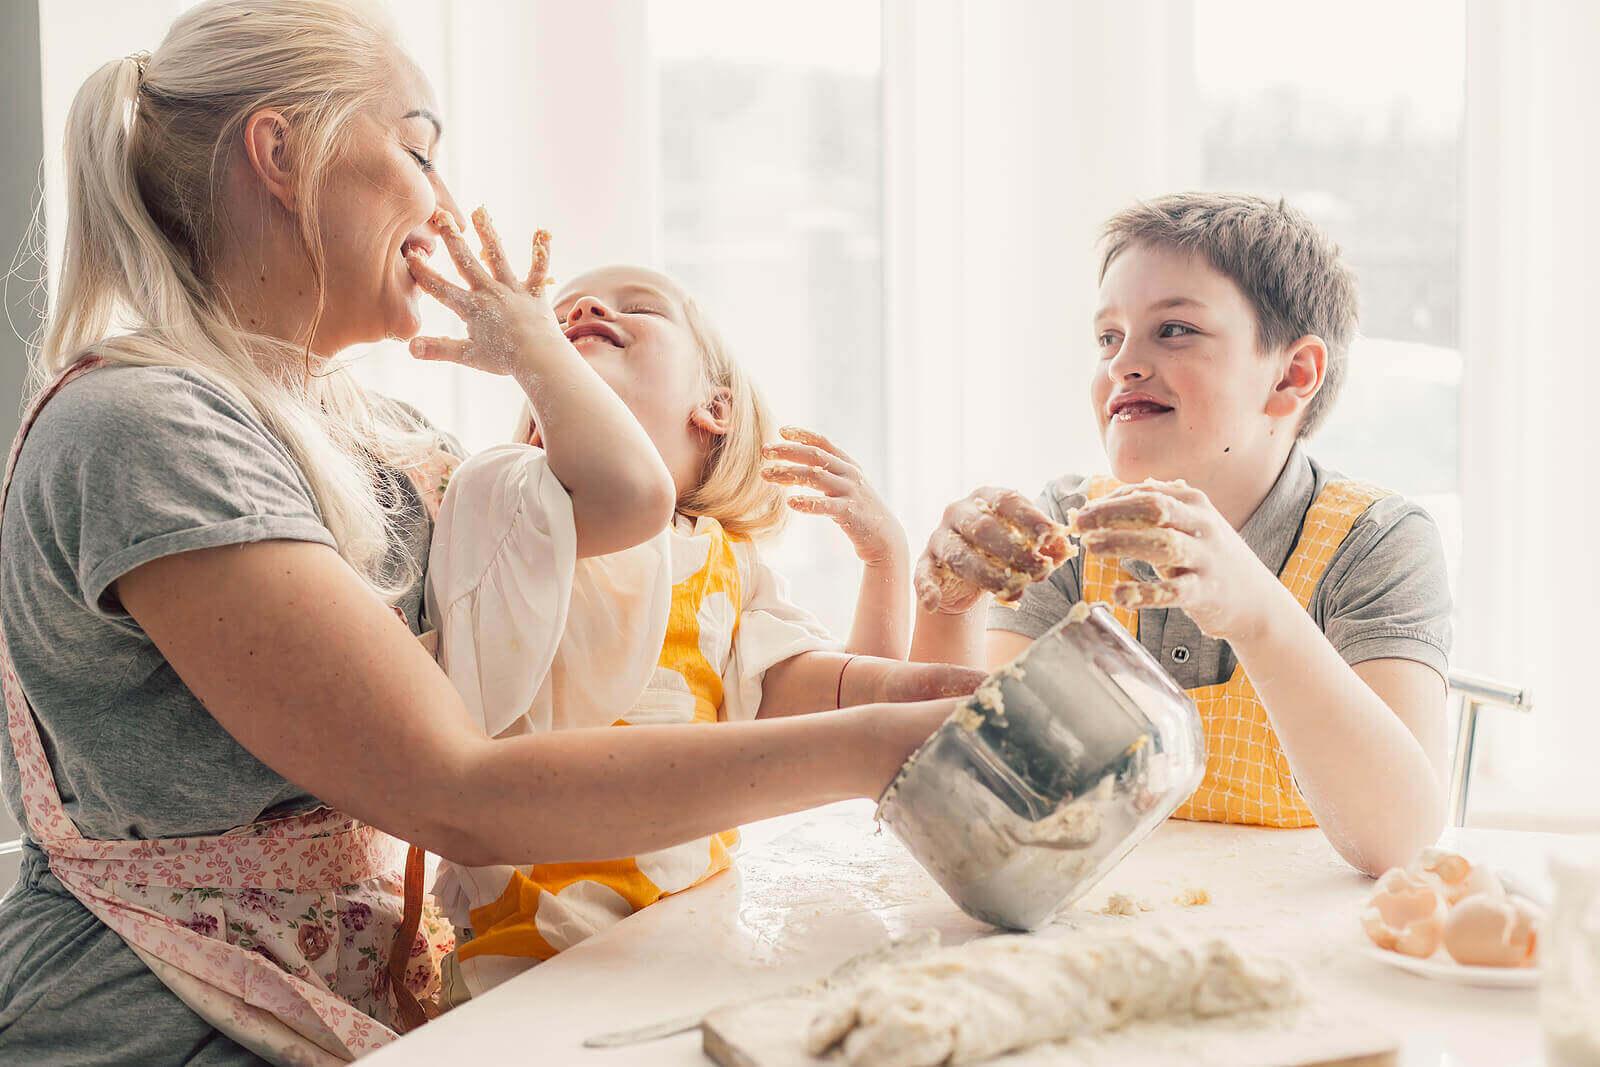 가족 활동으로서 어린이와 요리 활동